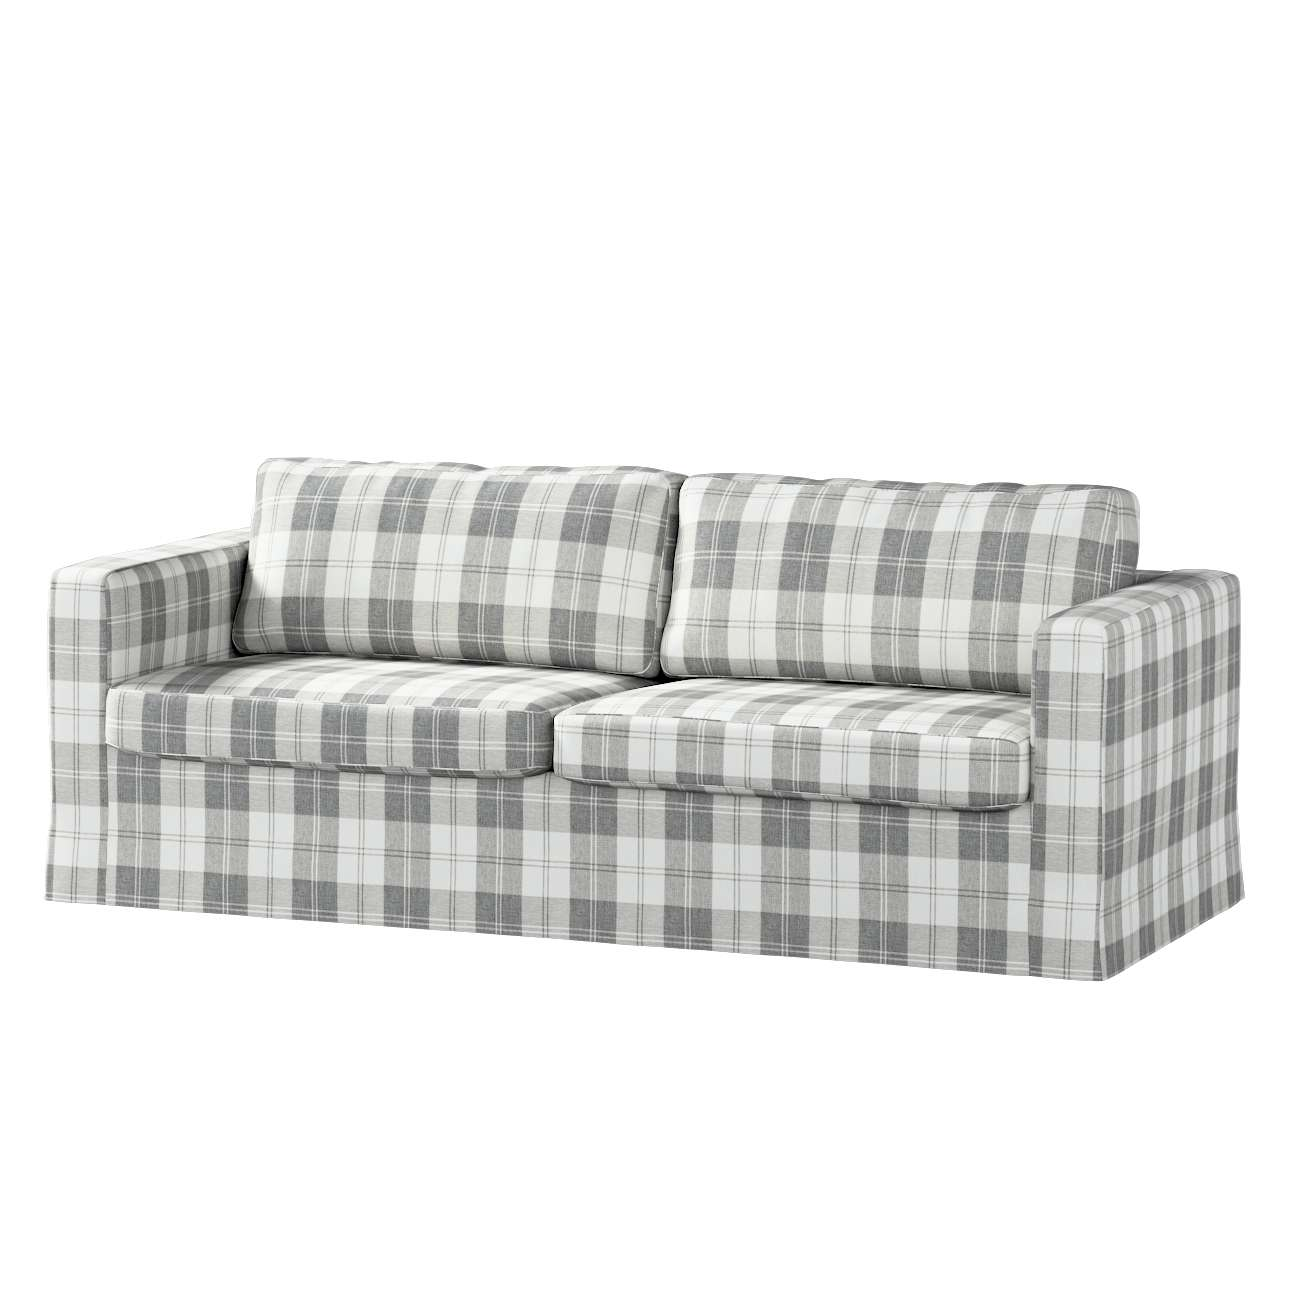 Poťah na sedačku Karlstad (nerozkladá sa, pre 3 osoby, dlhá) V kolekcii Edinburg, tkanina: 115-79